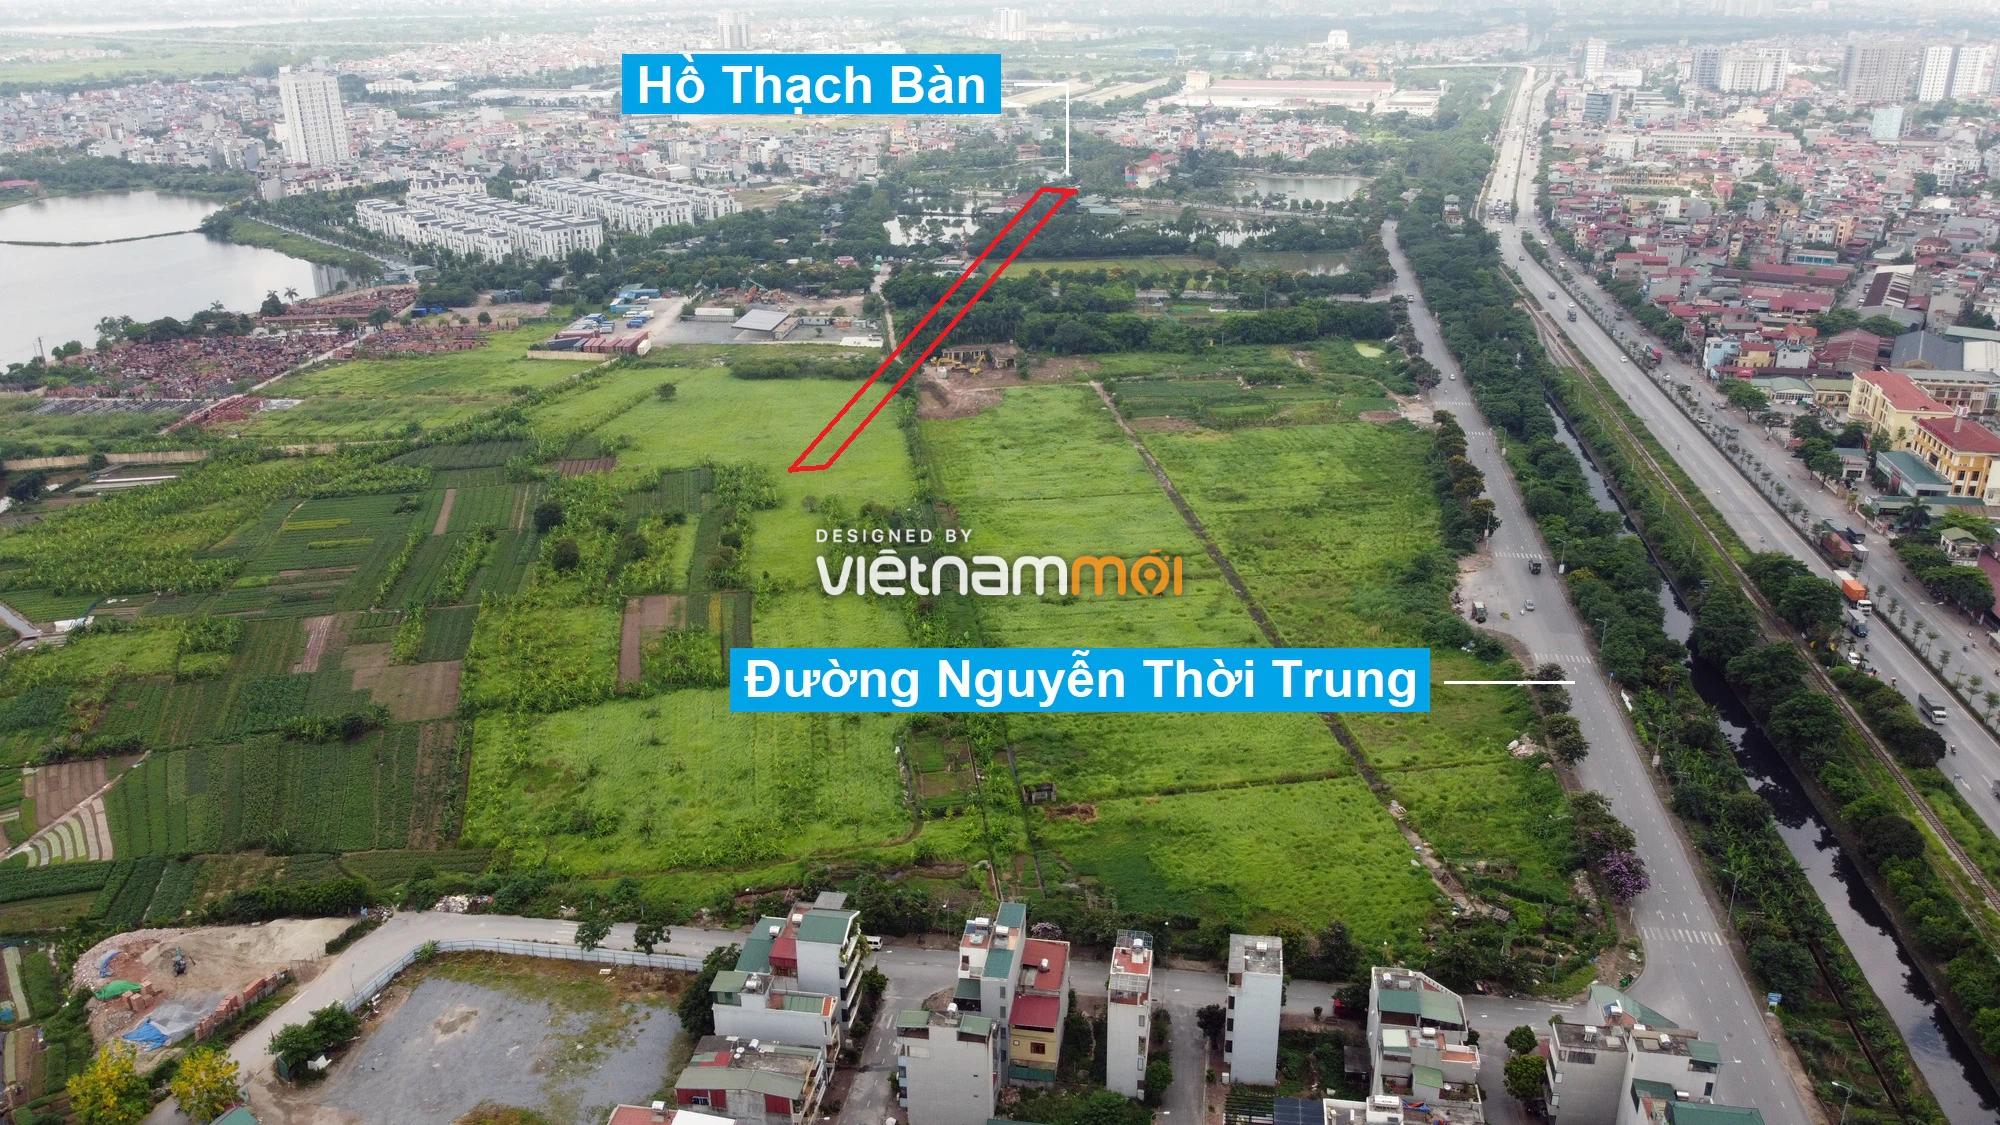 Những khu đất sắp thu hồi để mở đường ở phường Thạch Bàn, Long Biên, Hà Nội (phần 4) - Ảnh 6.